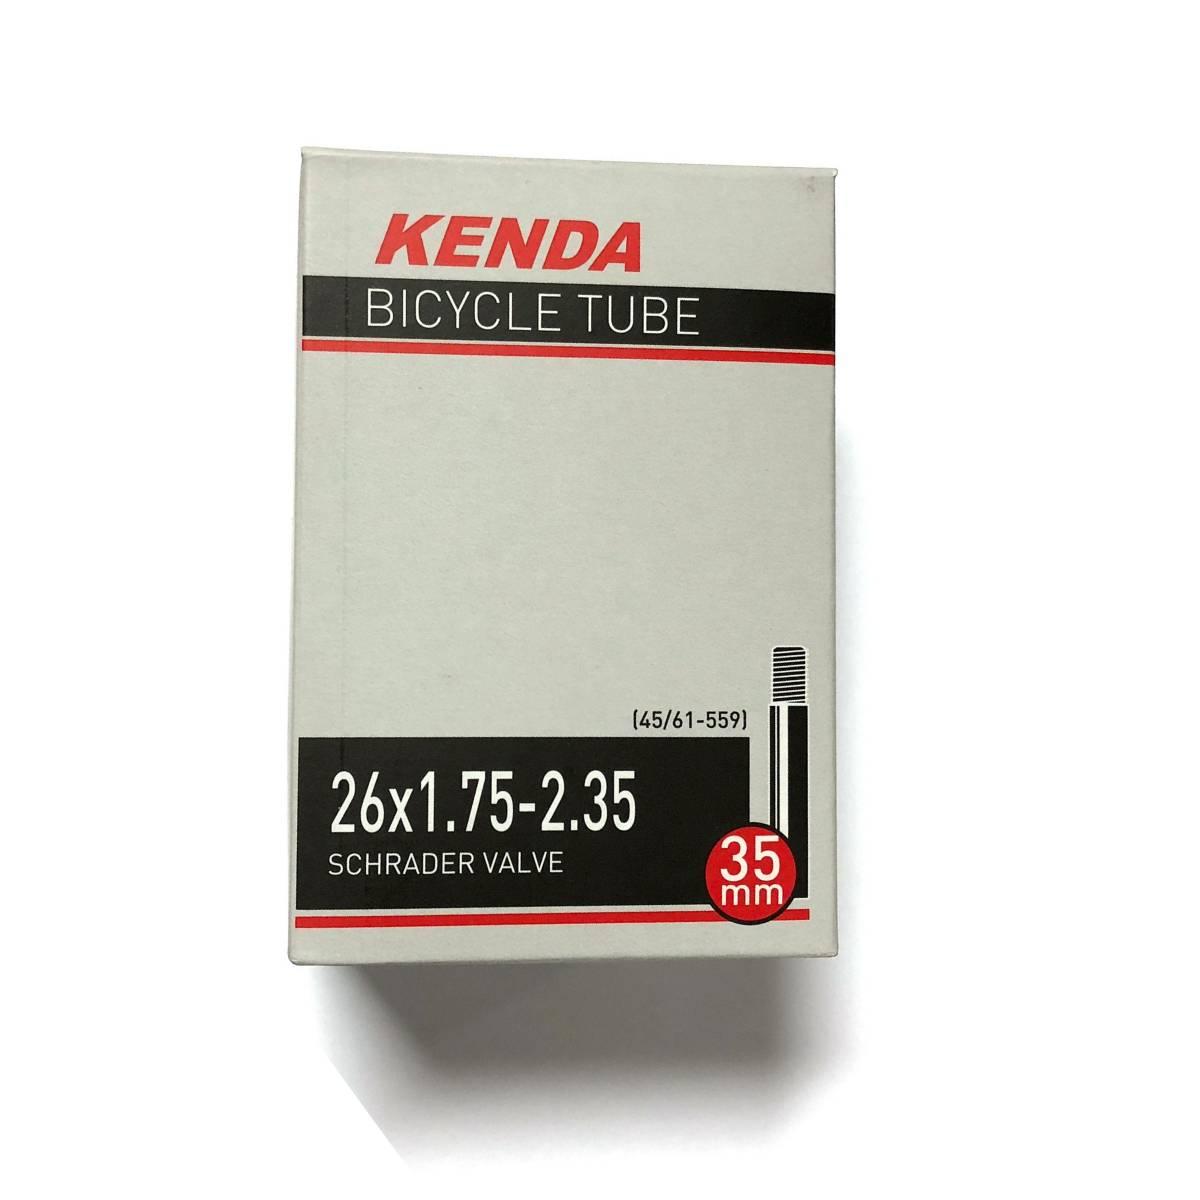 CHAMBRE A AIR KENDA 18X1.75-2.35 SHRADER